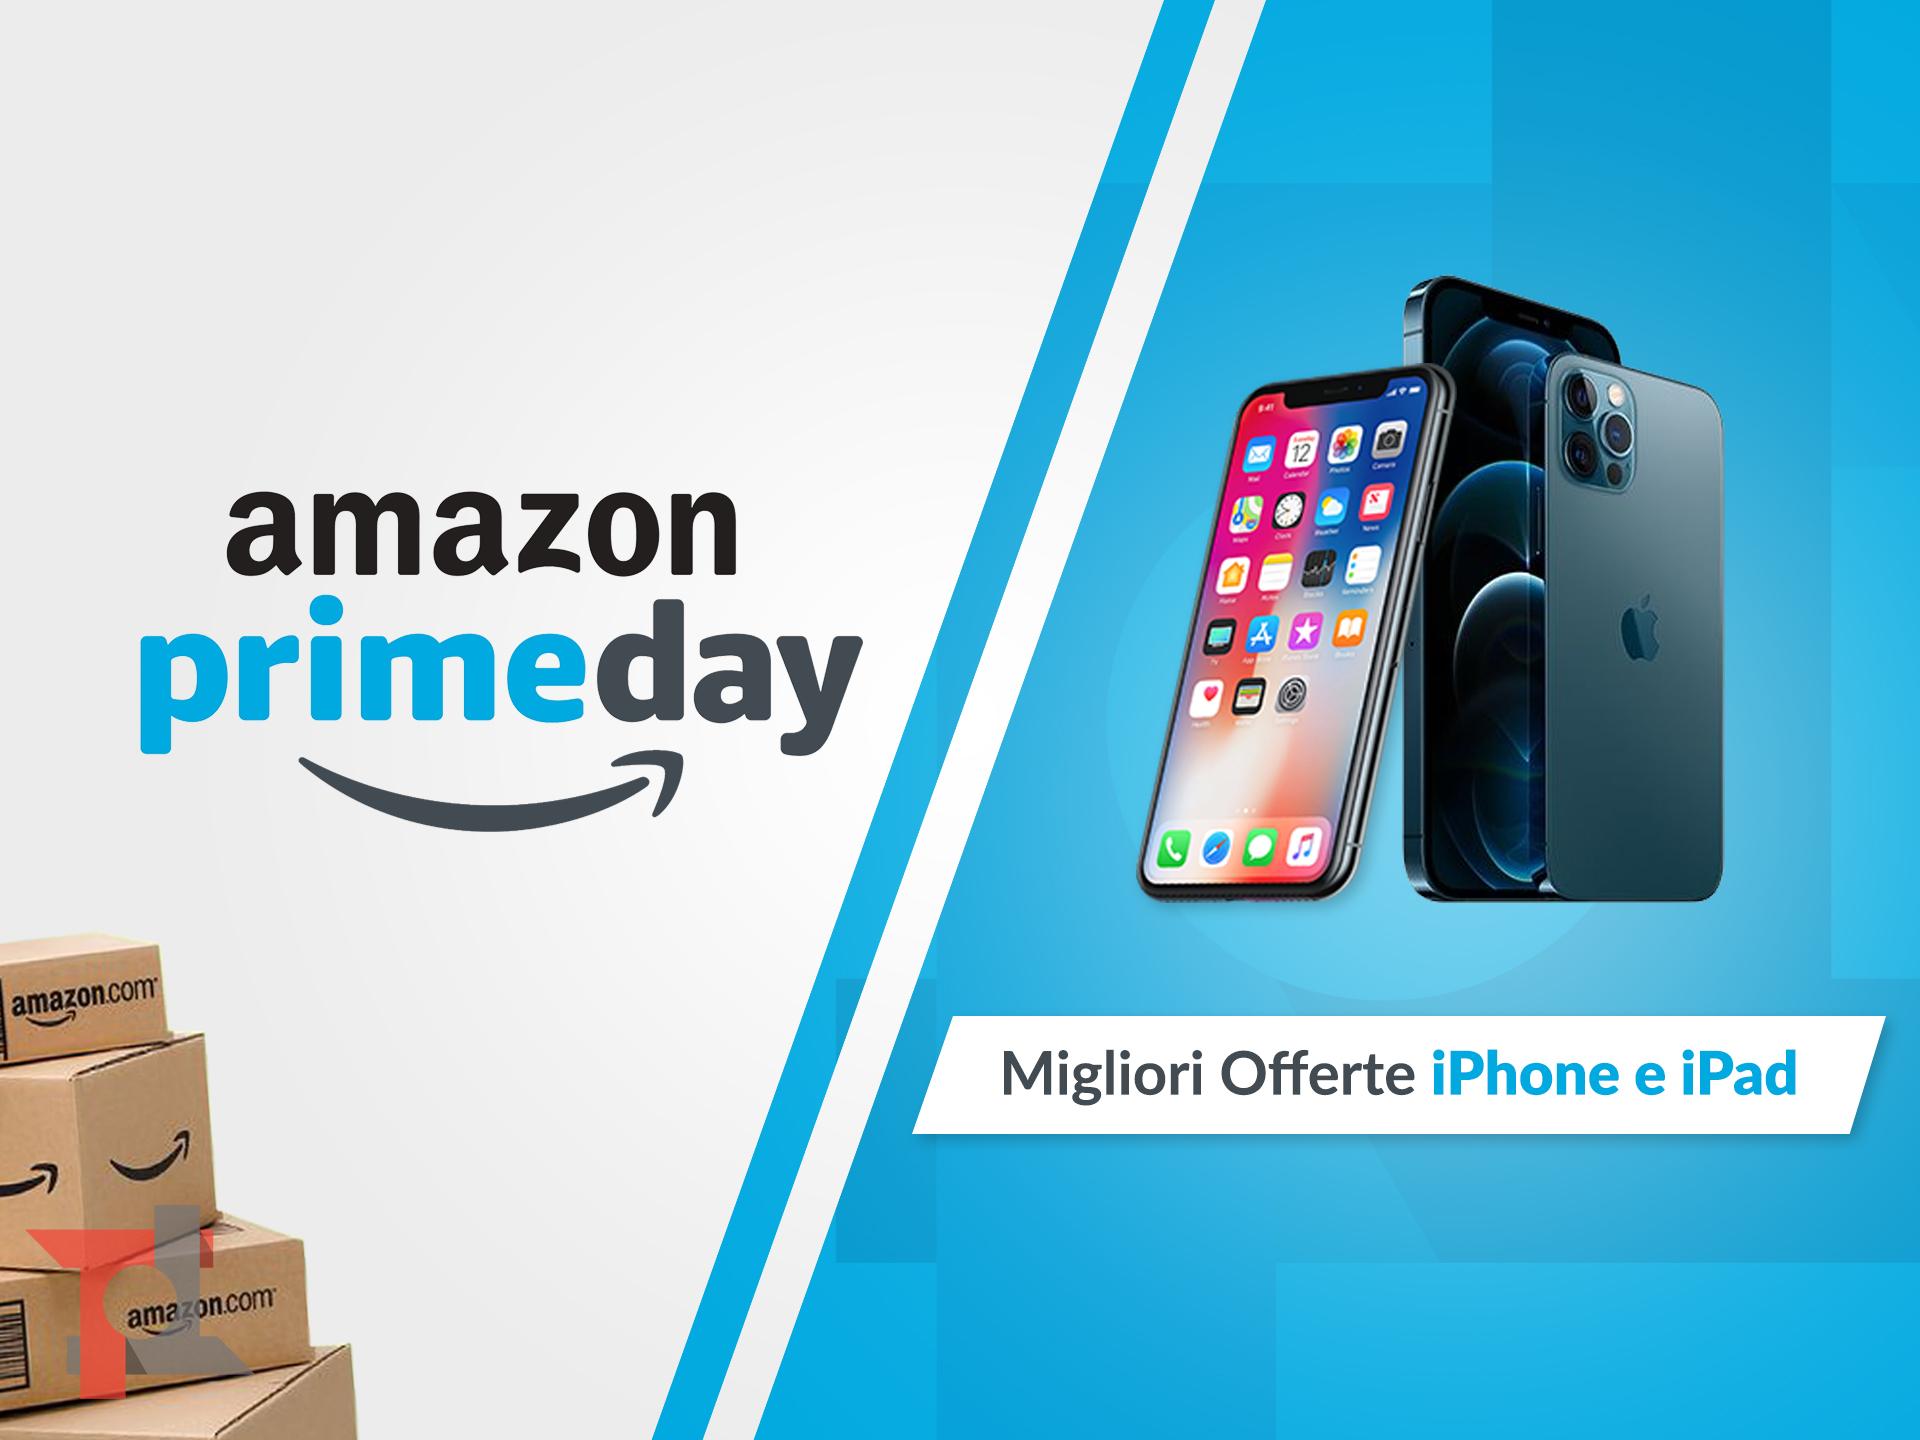 migliori offerte amazon prime day iphone